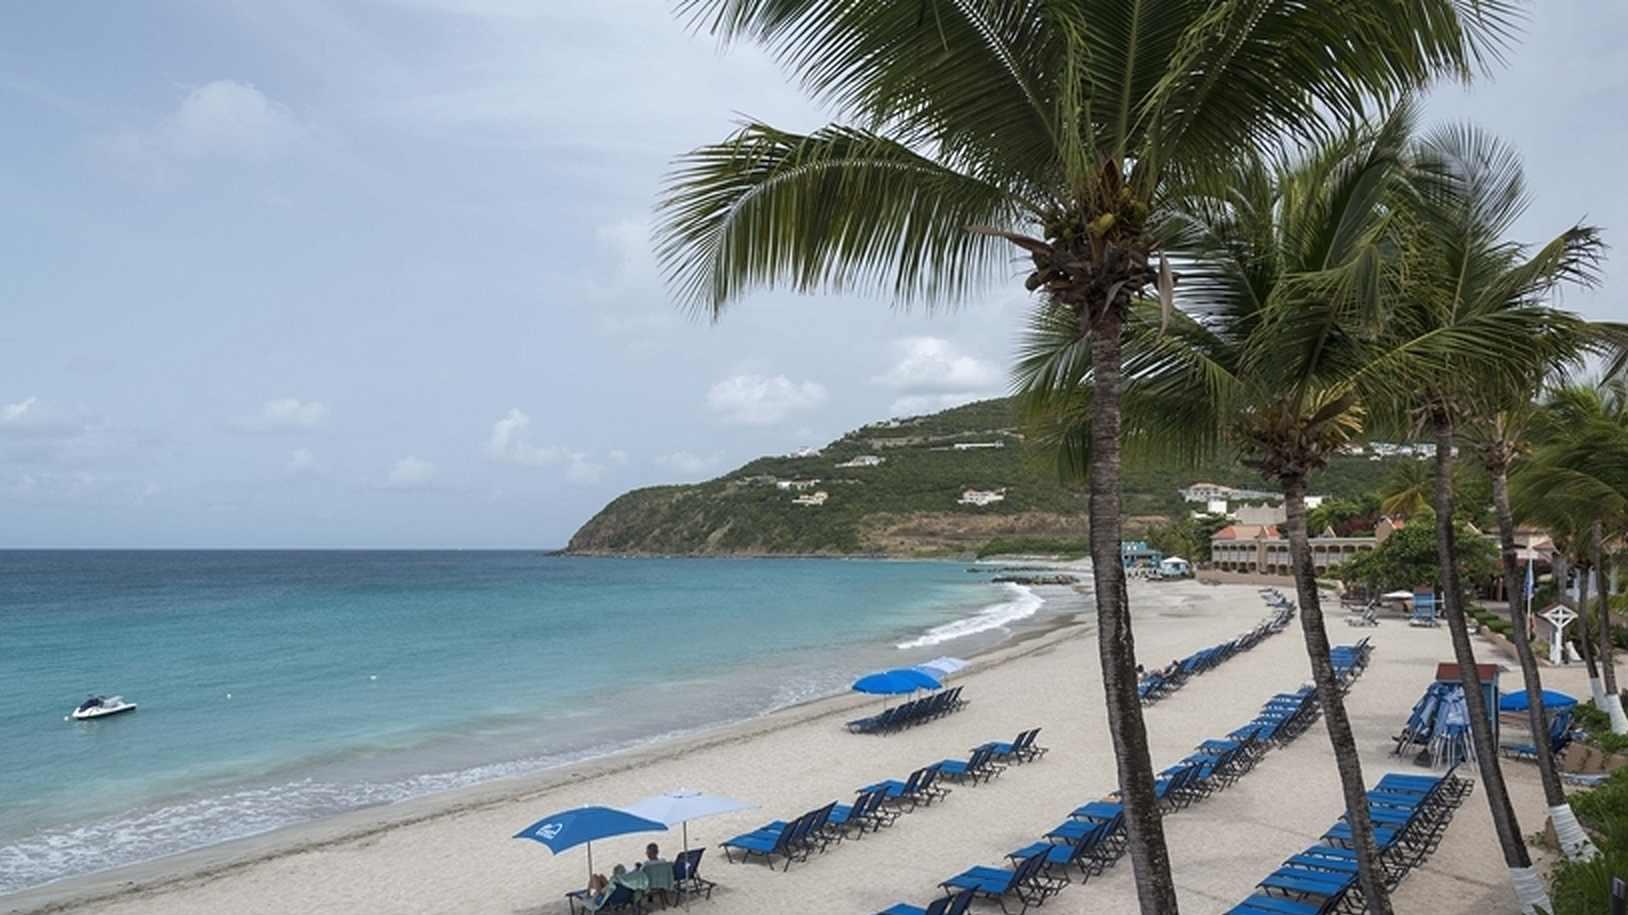 Divi Little Bay Beach Resort St Martin Reviews